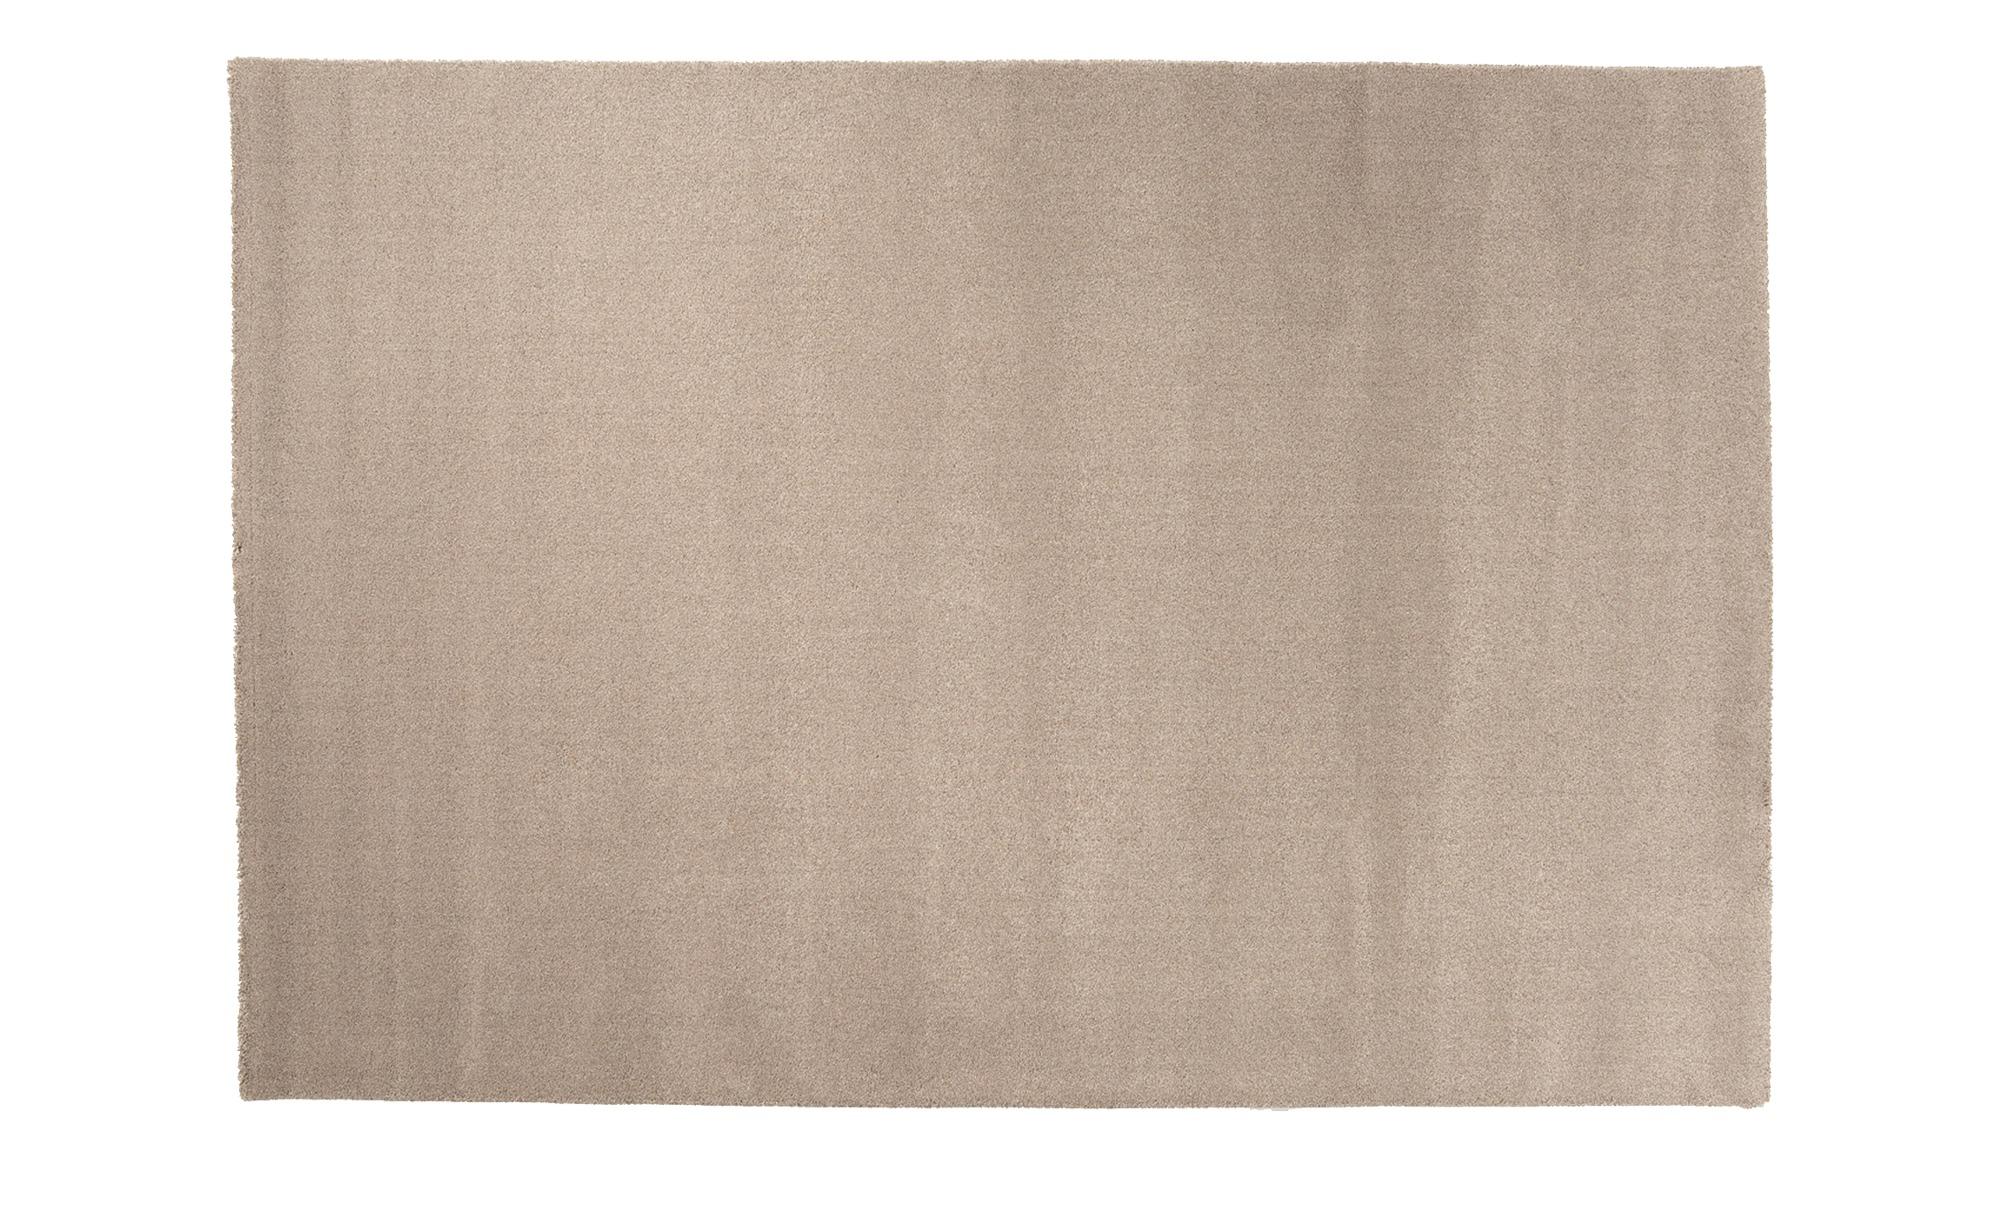 Webteppich  Louvre Melange ¦ grau ¦ 100% Polypropylen ¦ Maße (cm): B: 140 Teppiche > Wohnteppiche - Höffner